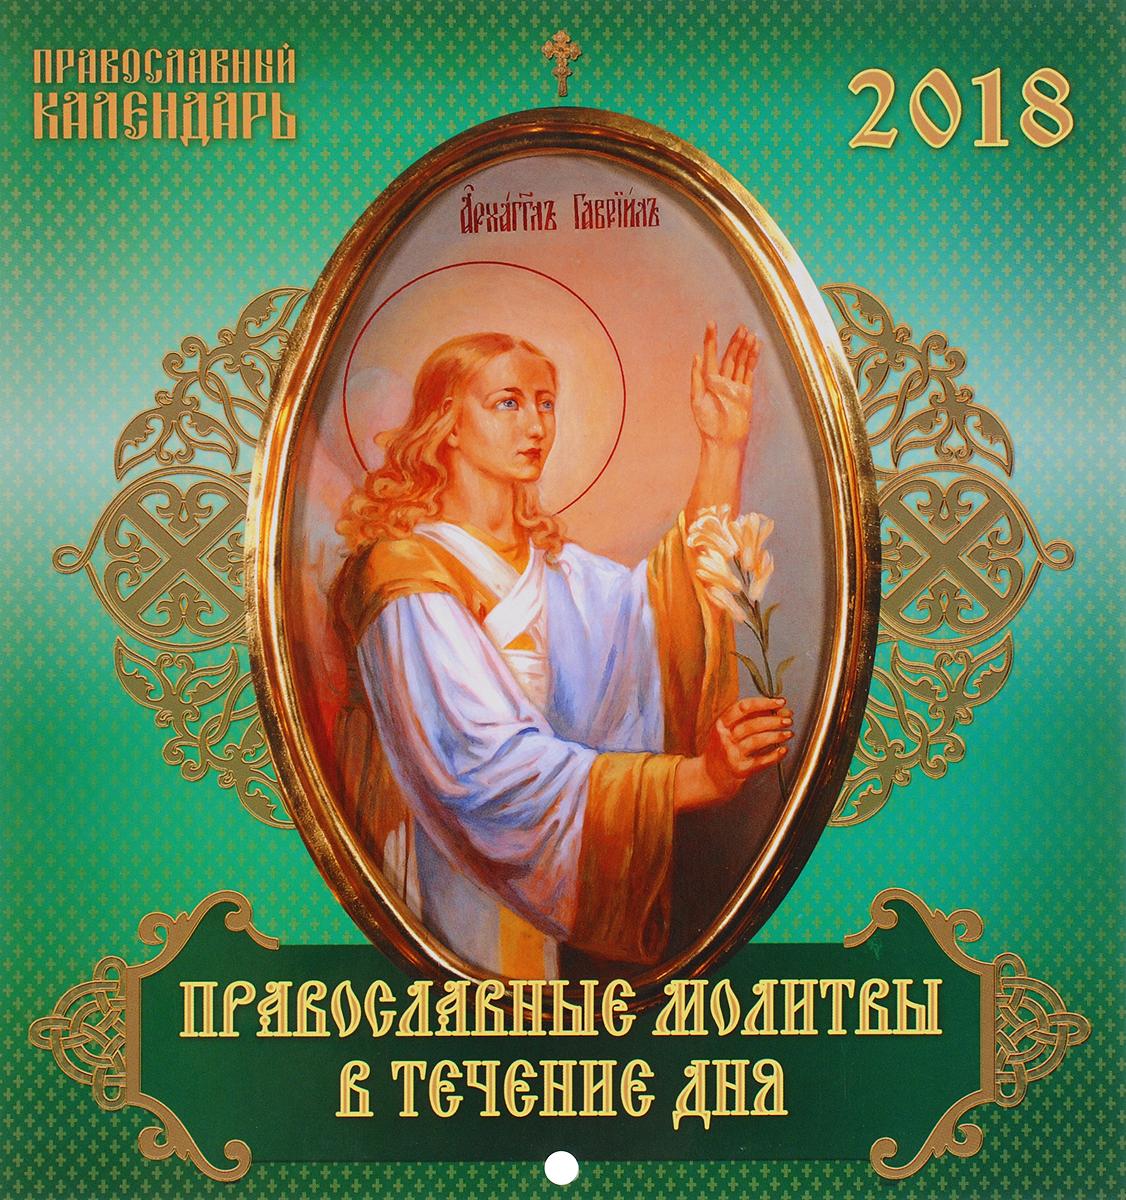 Календарь на 2018 год (на скрепке). Православные молитвы в течение дня книги православные заказать